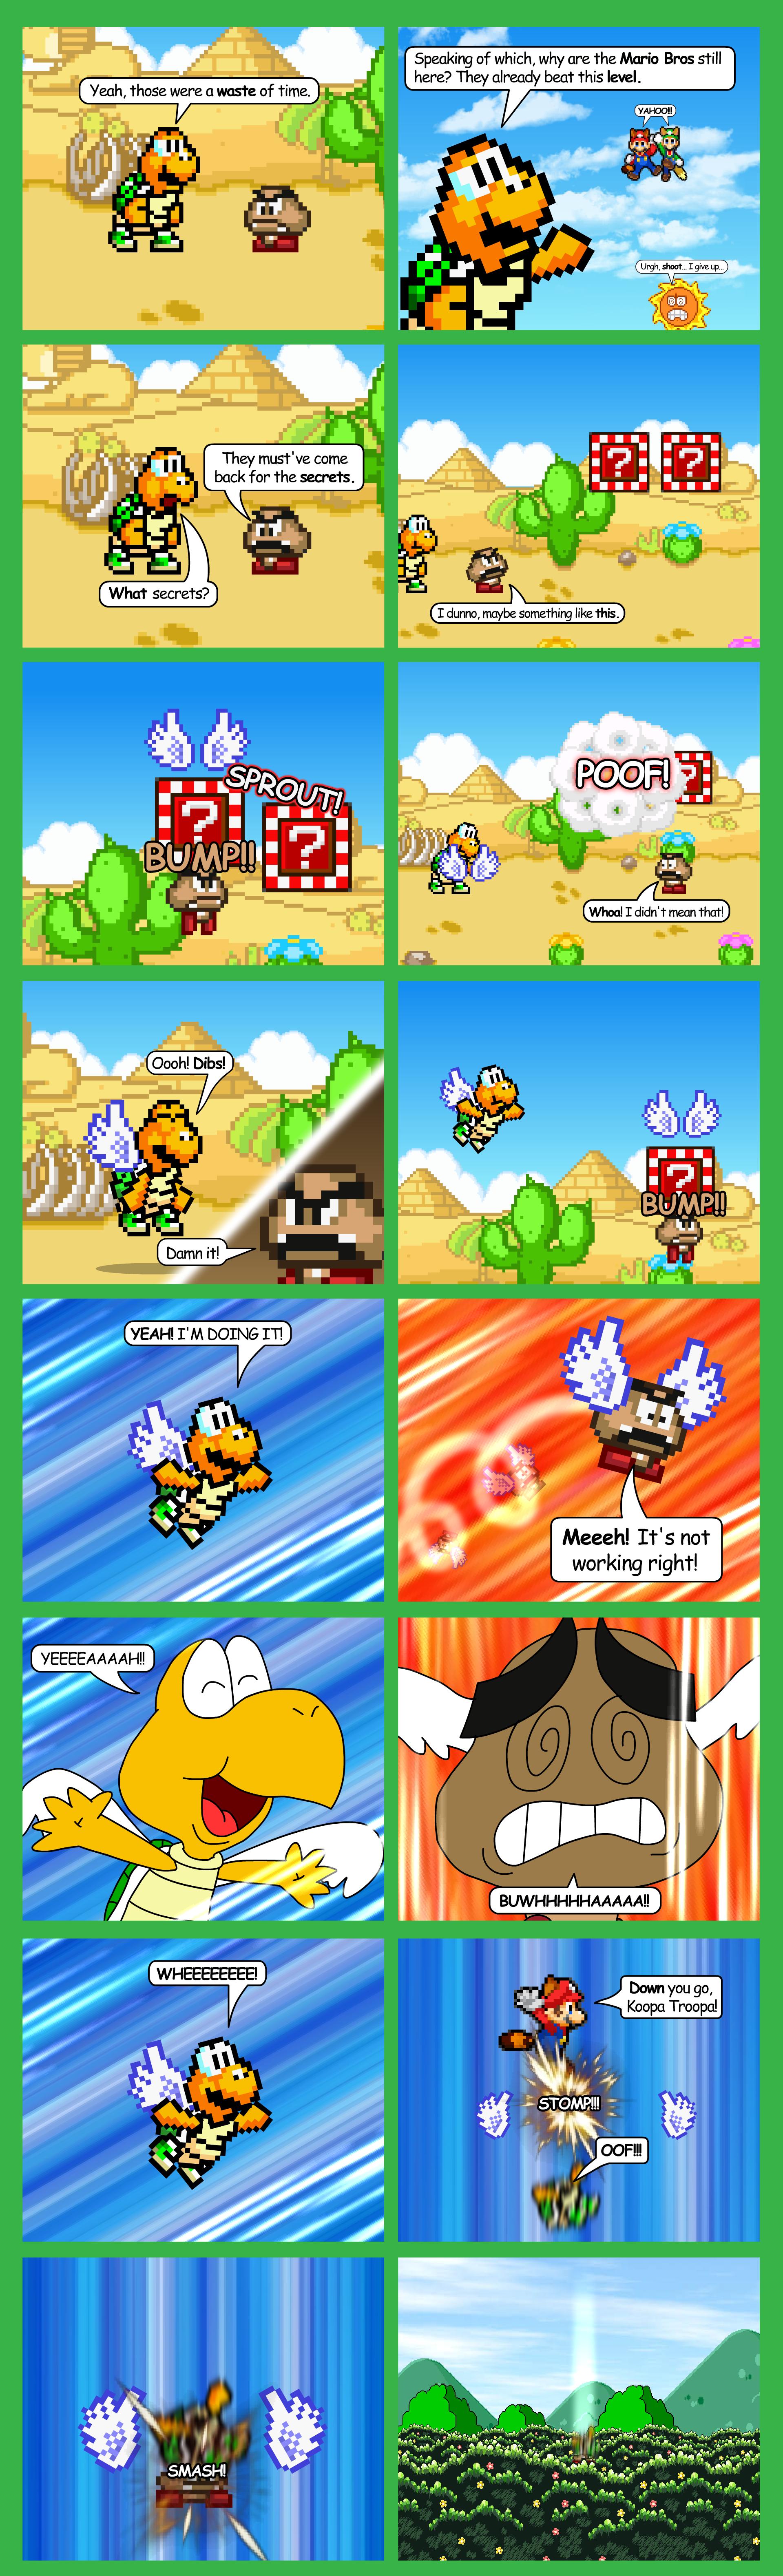 Bowser's Kingdom Episode 2 - Page 02 by HeiseiGoji91